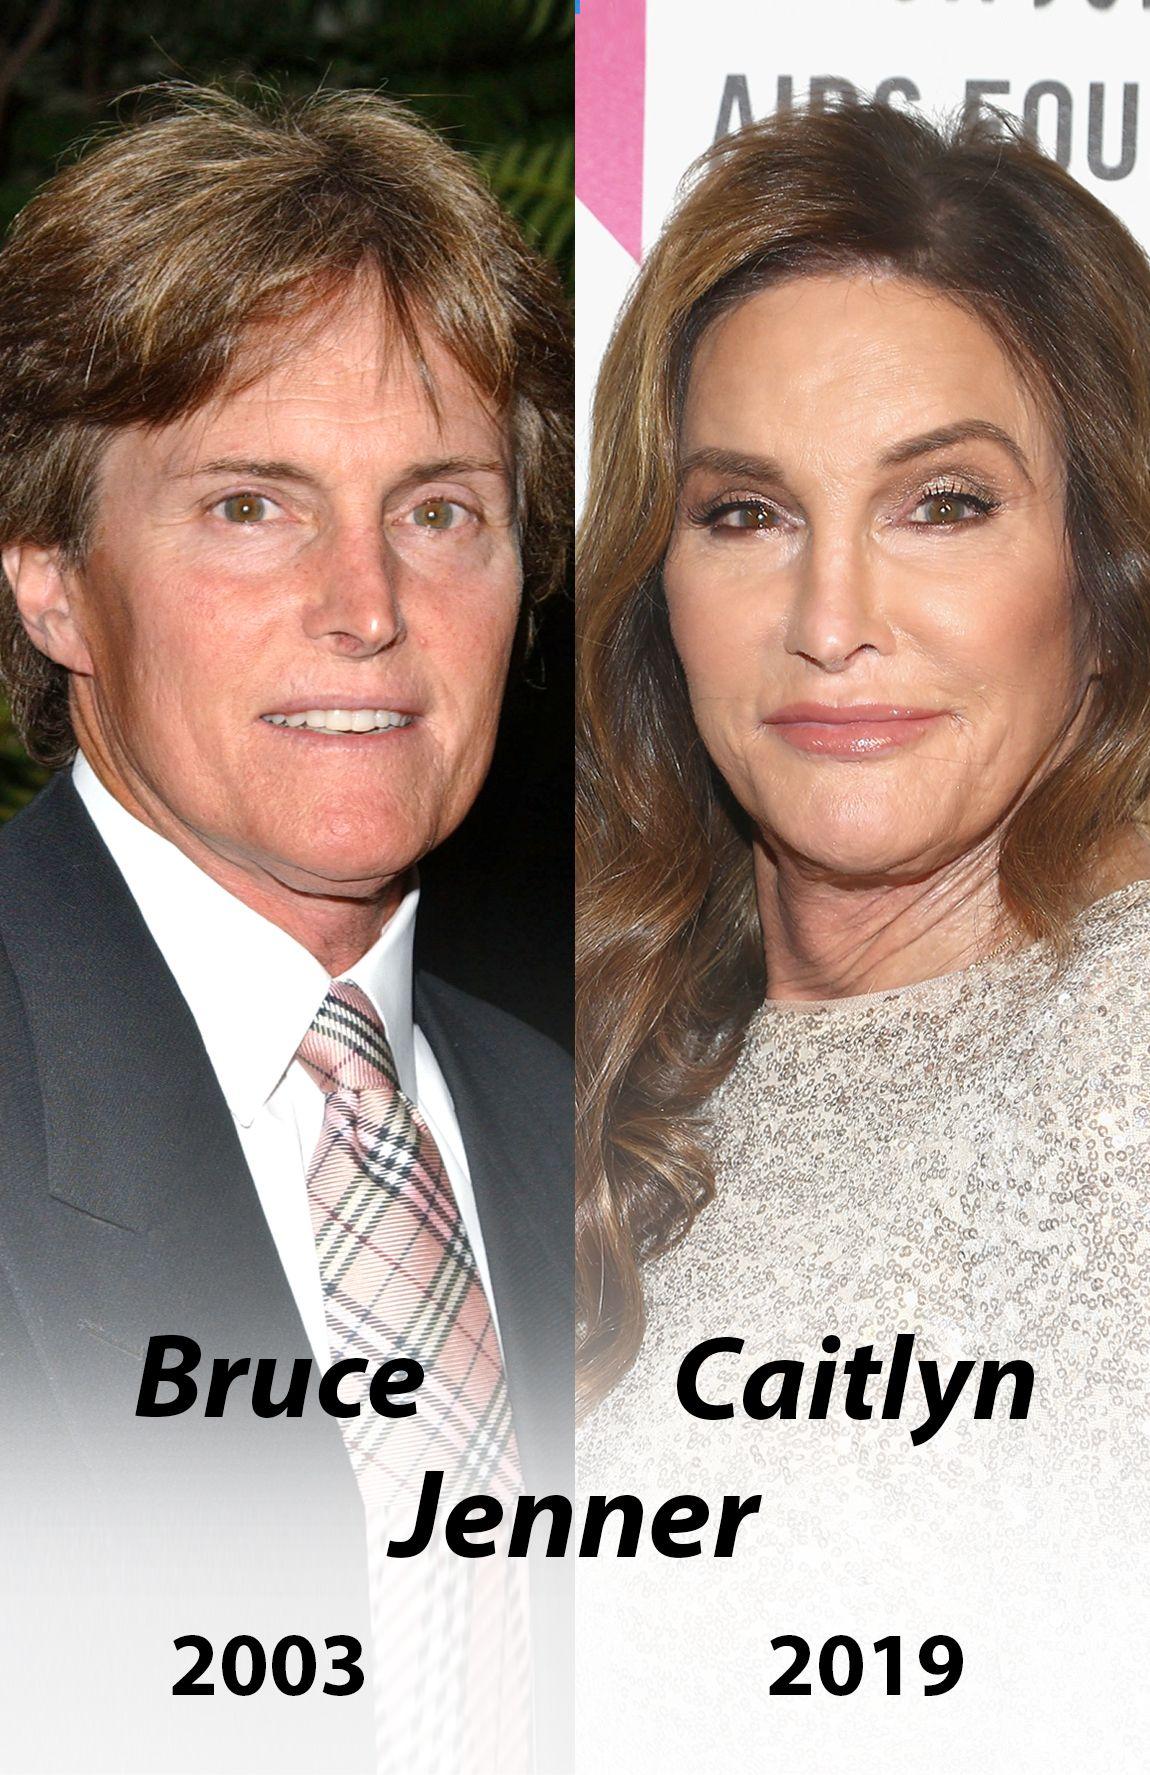 Hier Siehst Du Die Verwandlung Von Bruce Jenner Foto Image Getty Images North America Getty Images North Ameri Stars Ungeschminkt Ungeschminkt Diat Tipps